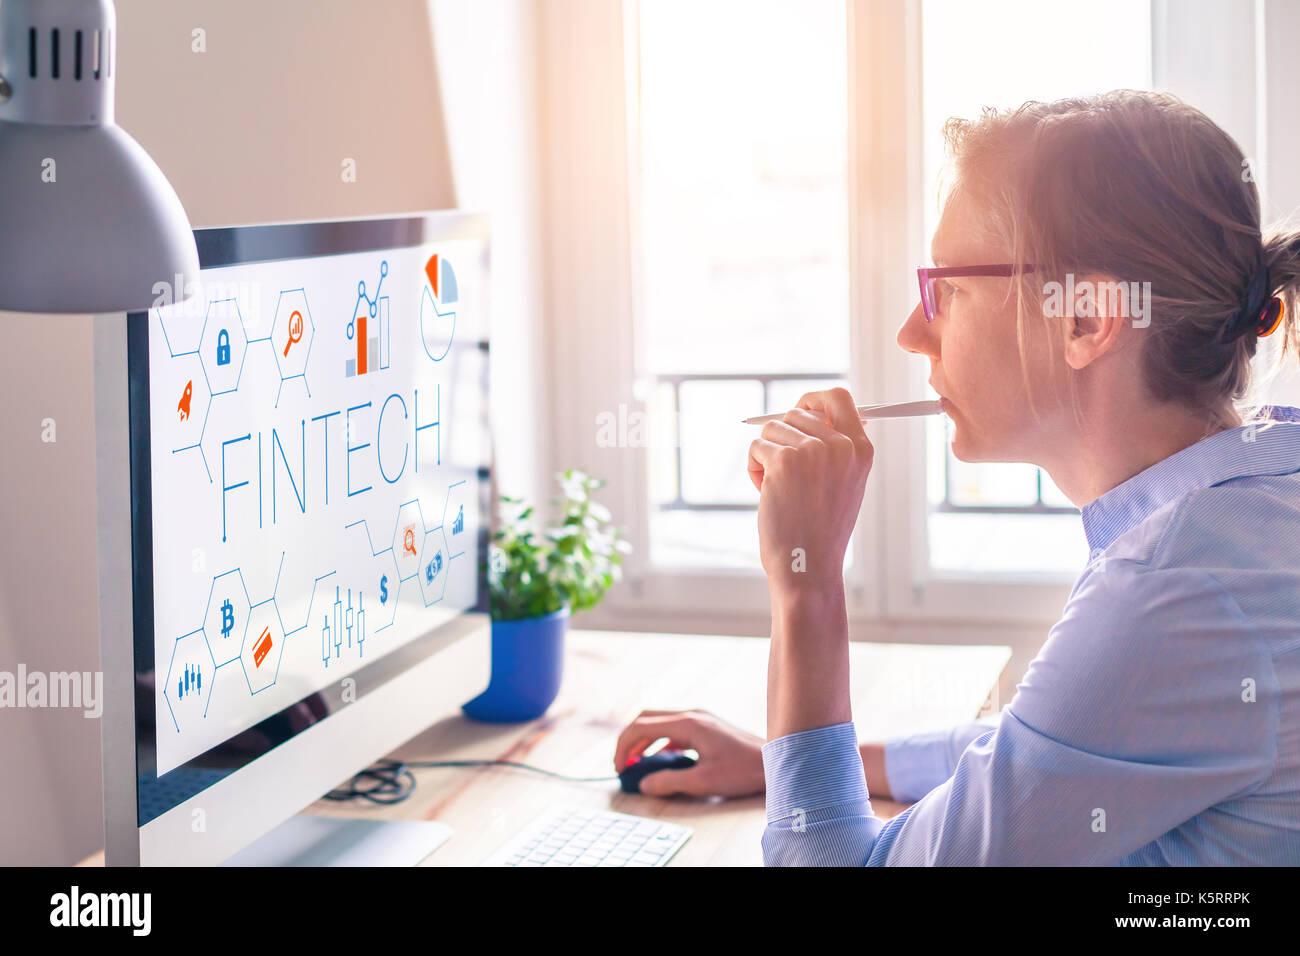 Concetto di fintech sullo schermo del computer con interfaccia moderna e innovativa di grafici, femmina persona business in ufficio Immagini Stock